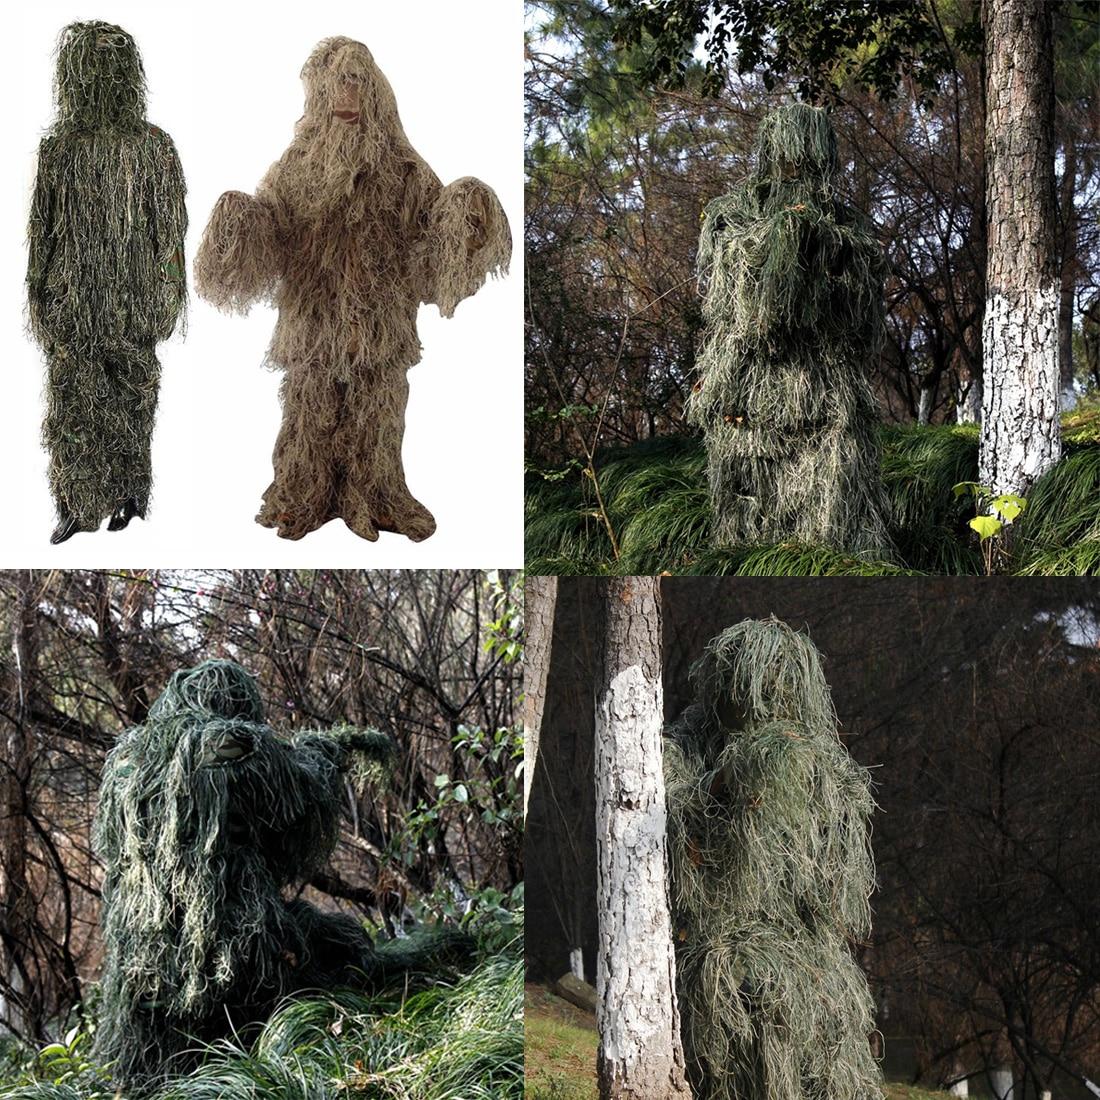 Nouvelle Réglable Taille Unisexe Camouflage Costumes Woodland Vêtements Ghillie Costume Pour La Chasse Armée Militaire Tactique Sniper Set Kits